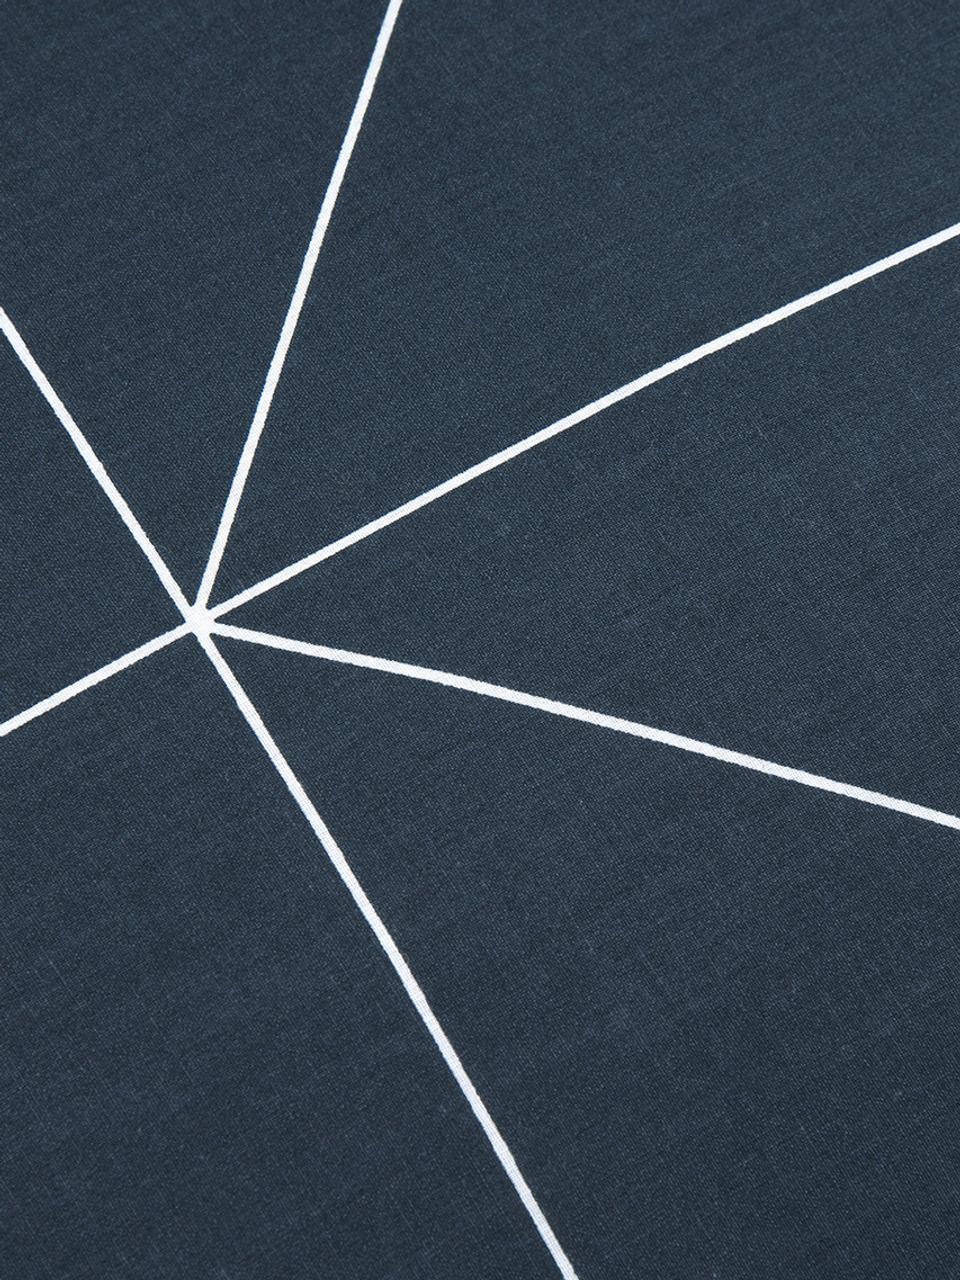 Dwustronna pościel z bawełny renforcé Marla, Granatowy, biały, 135 x 200 cm